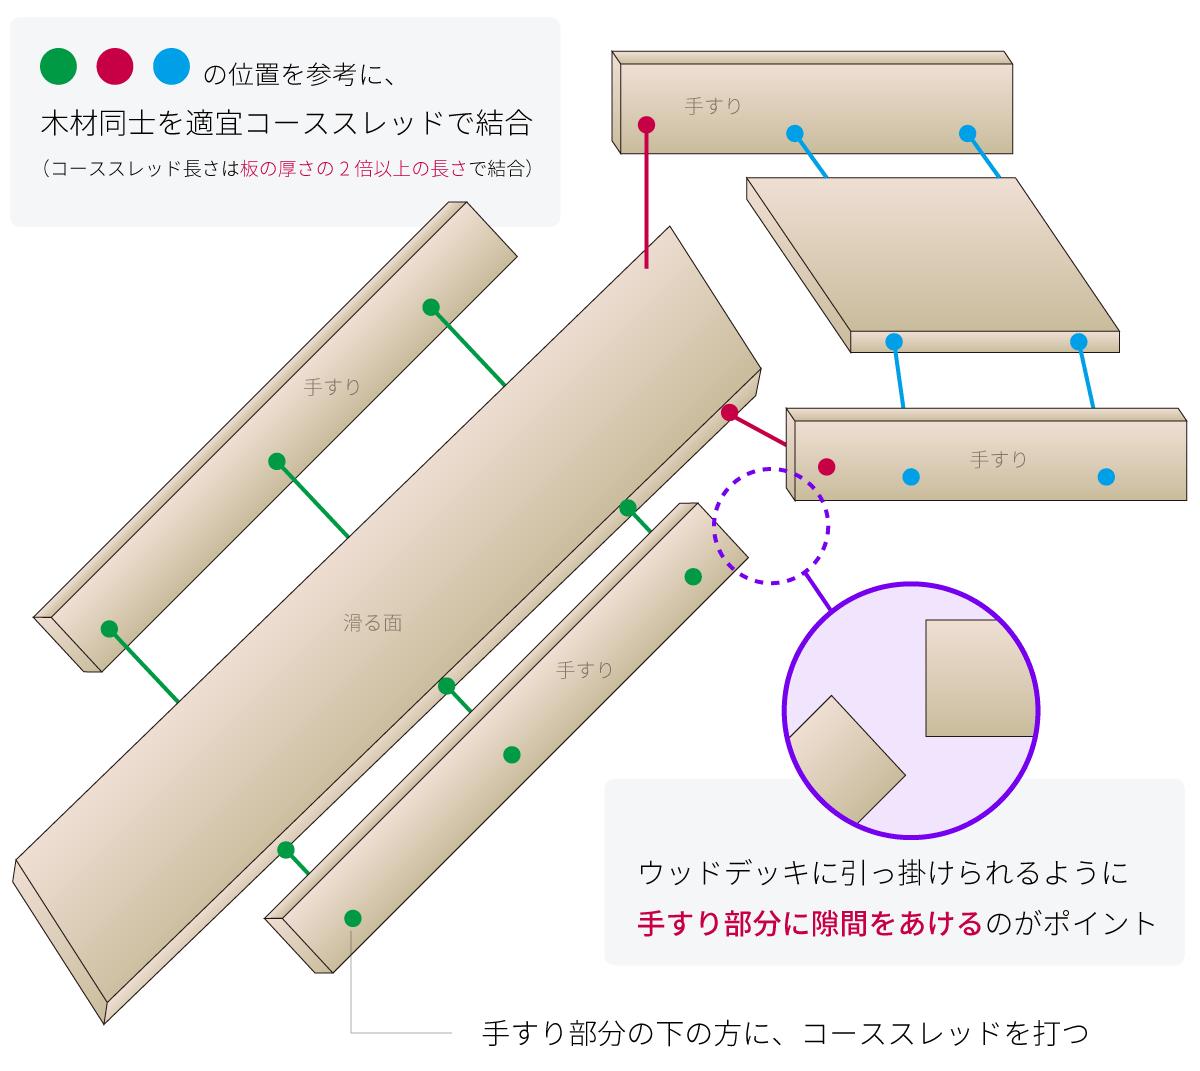 木製滑り台の設計図・パーツ構成図 家庭用ウォータースライダーを簡単にDIYで自作!課題と対処法を考えてみた!ウォータースベラナイダー(滑らないだー)誕生! wood-slider